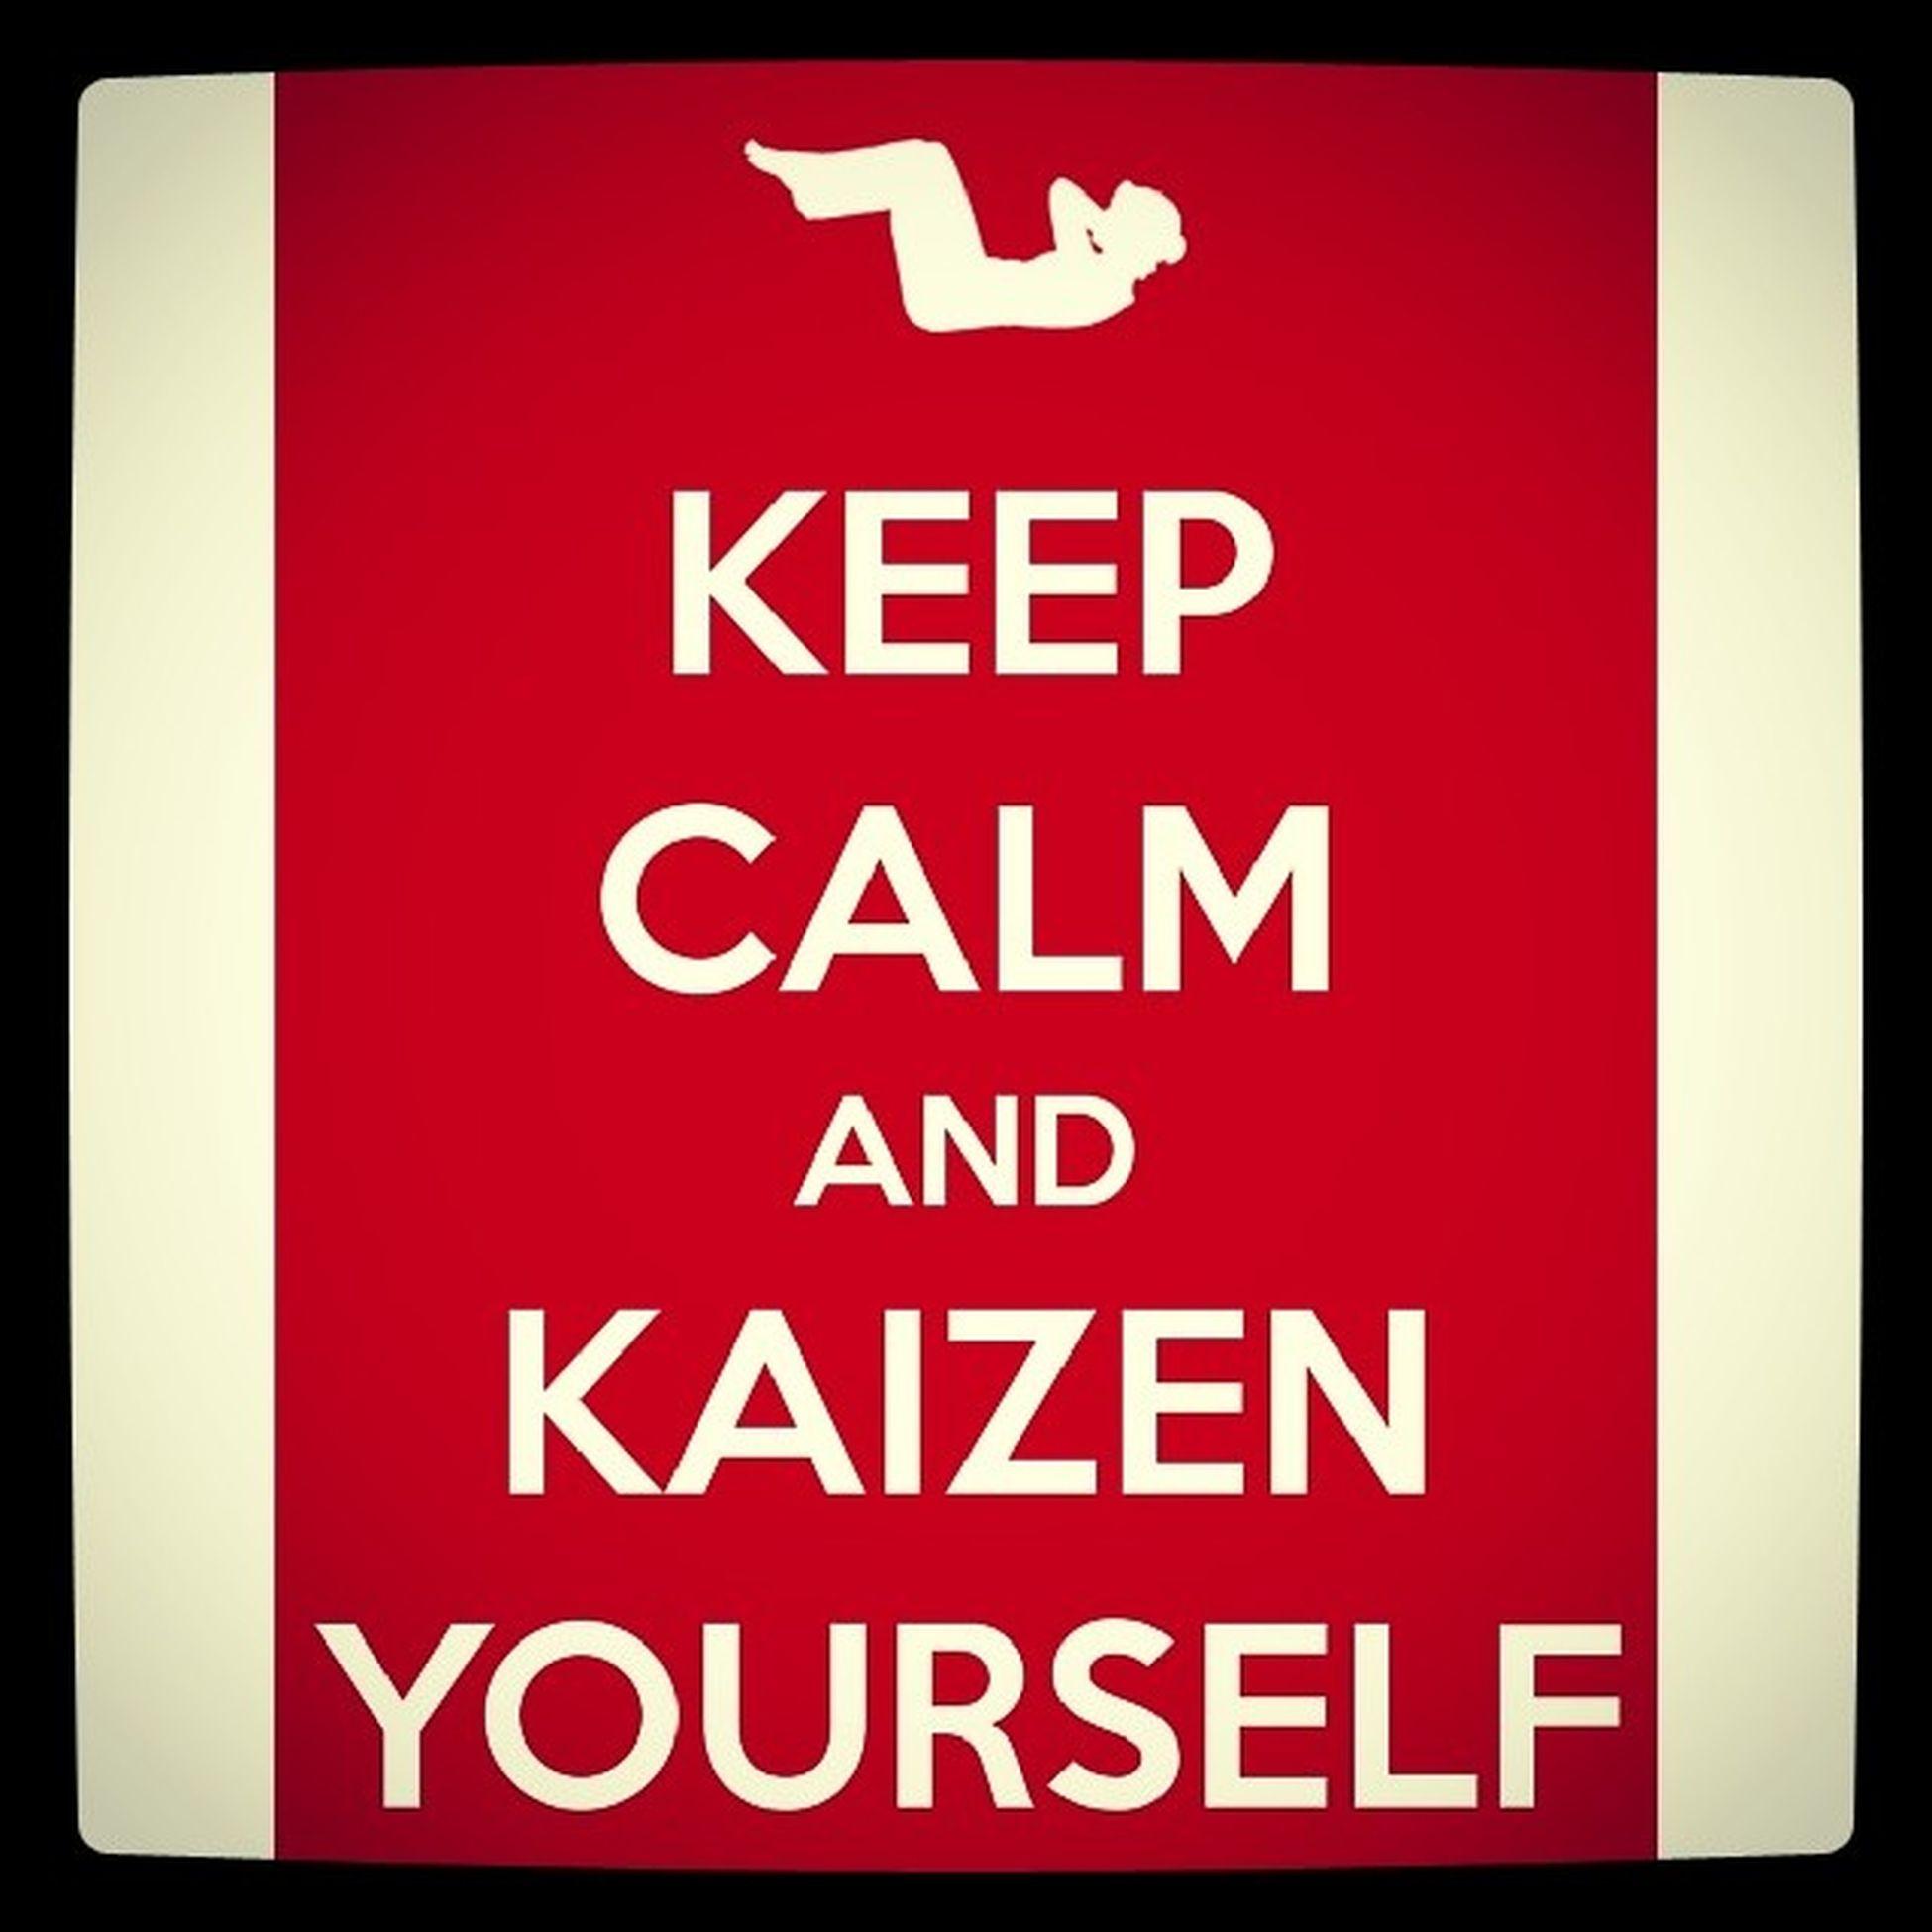 Kaizen  Digireale Miglioramento Crescitapersonale